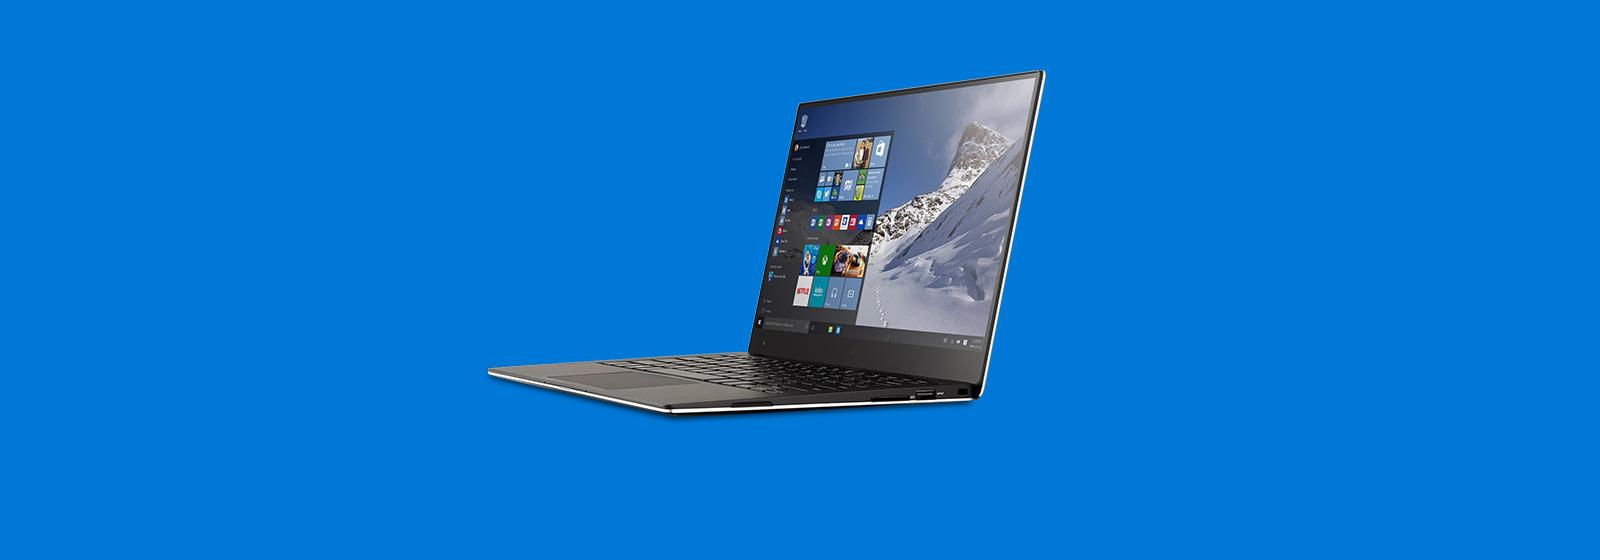 Windows 10 geliyor. Daha fazla bilgi edinin.